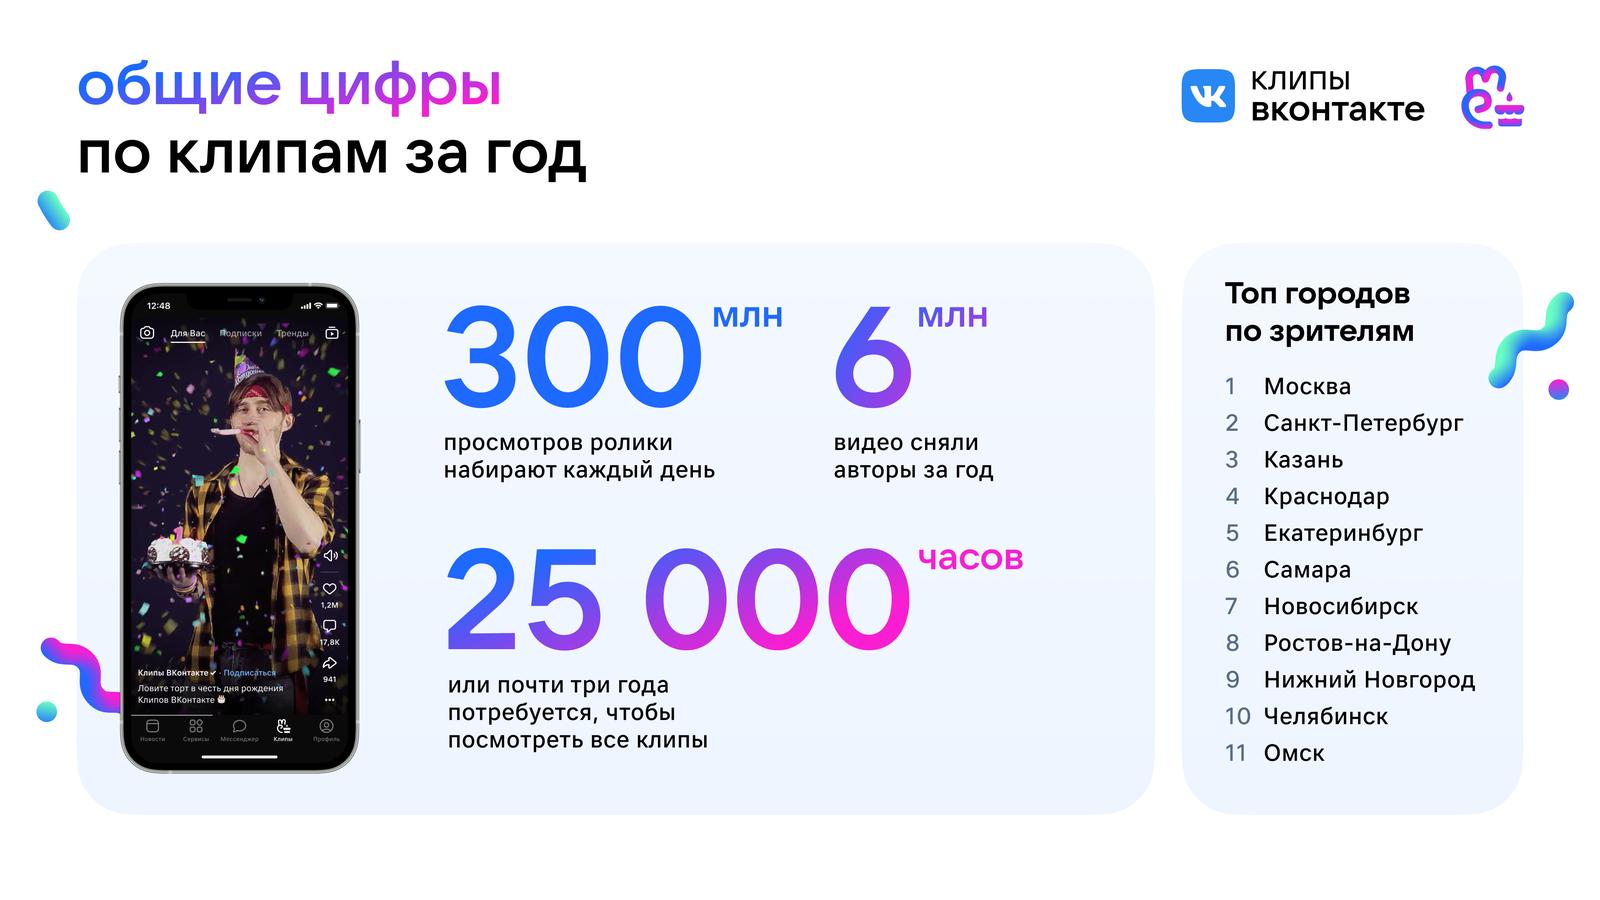 Клипы «ВКонтакте» показали трехкратный рост просмотров за год